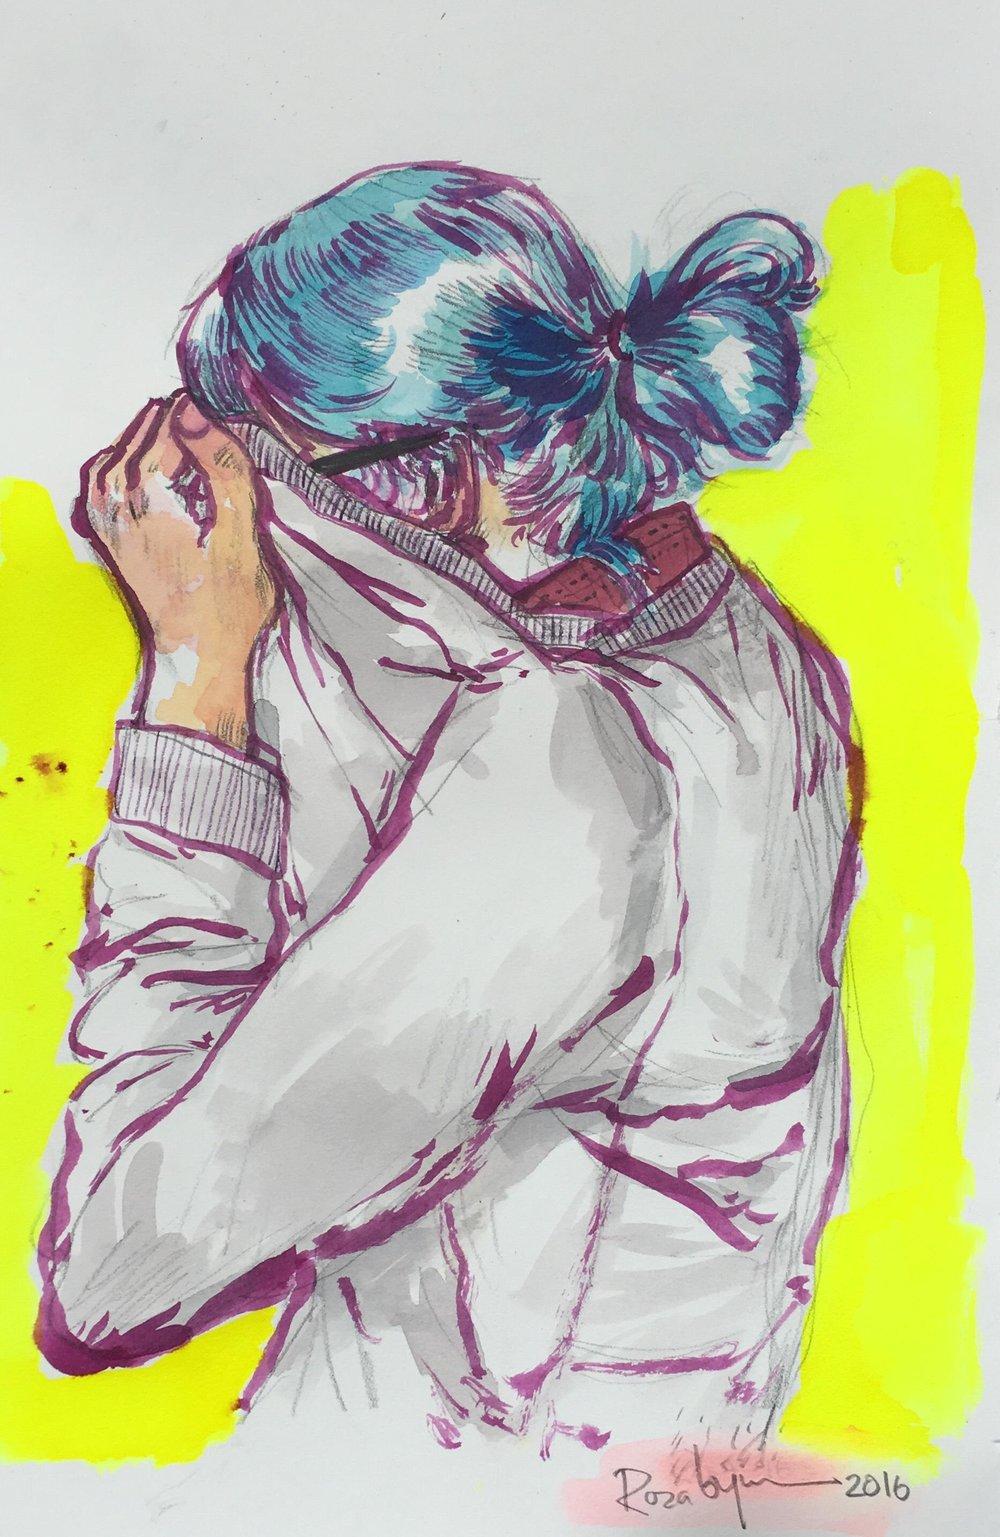 Rosa_Byun-small.jpg